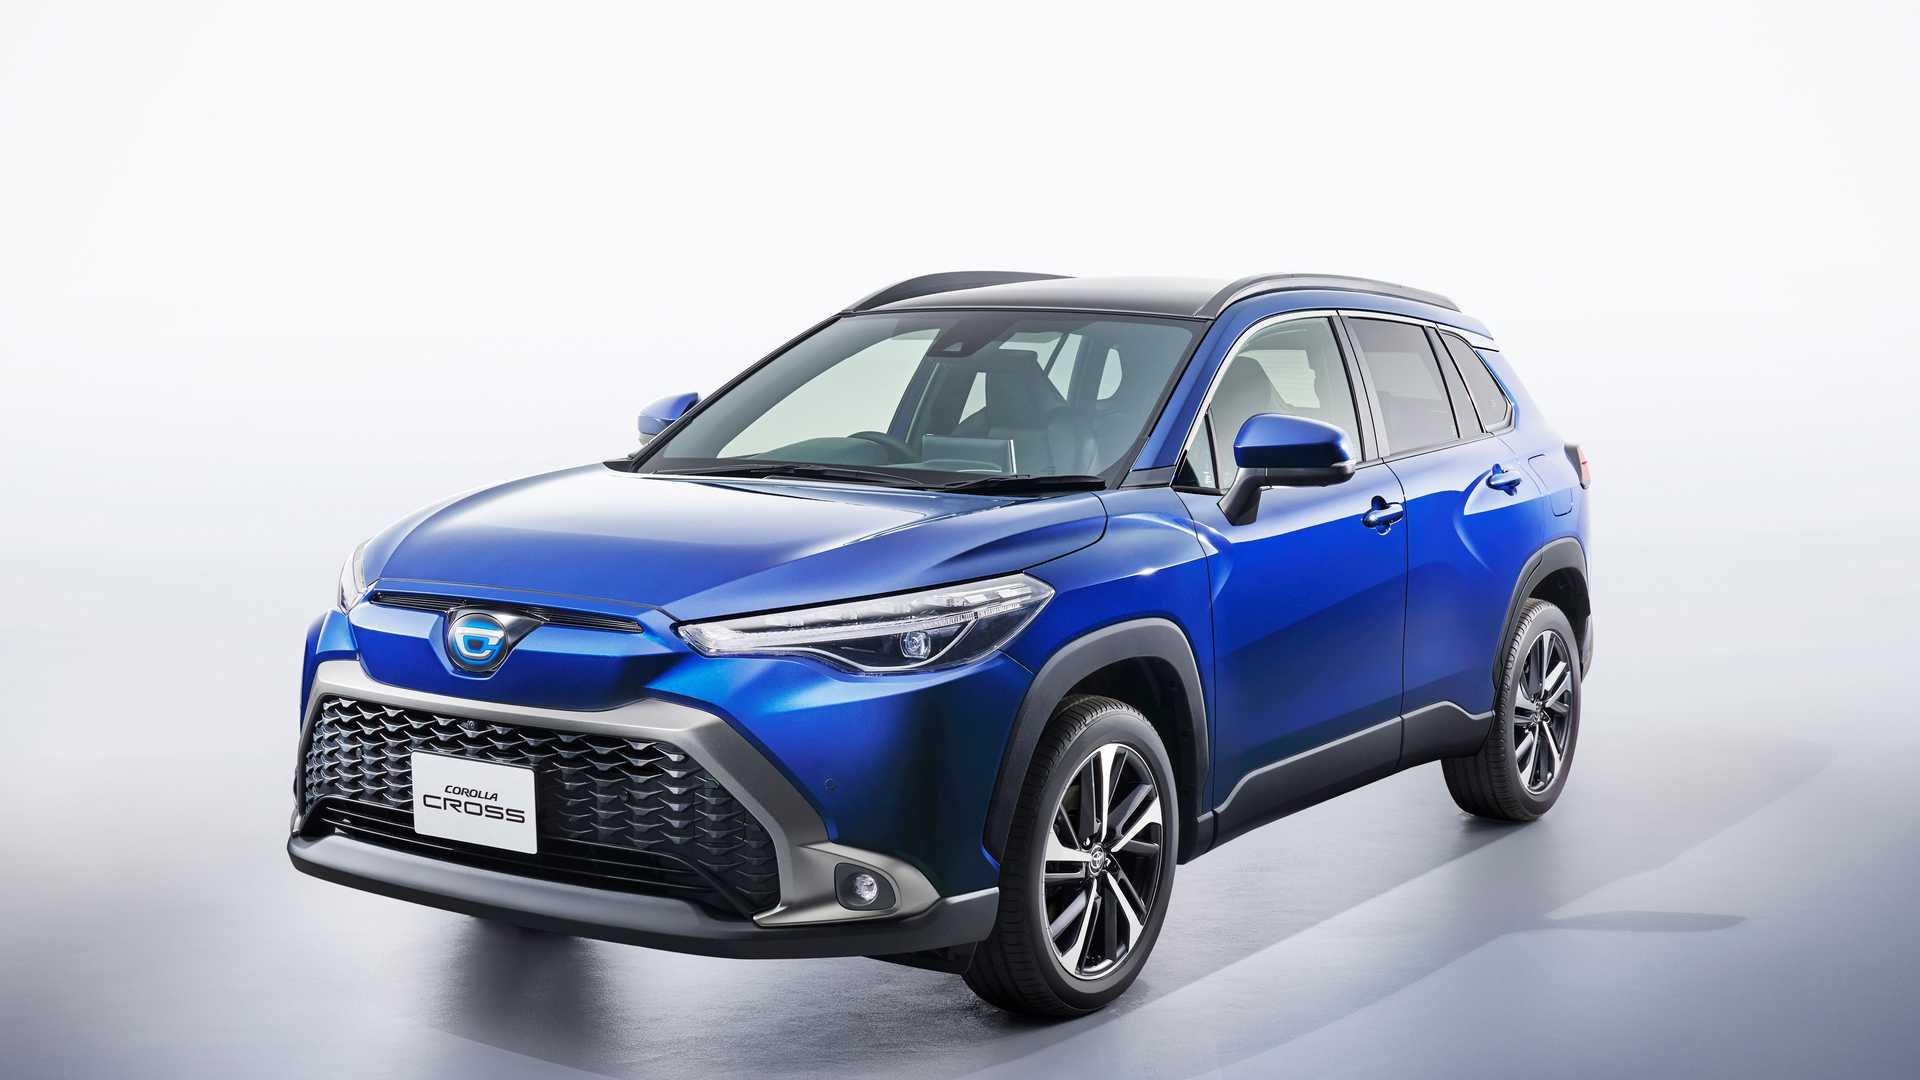 Дебютировавшая летом Toyota Corolla Cross уже продается в США, Южной Америке, Таиланде и на Тайване. В Японии же продажи стартуют только сейчас, и чтобы отличить свою версию от других рынков, компания внесла несколько корректировок.